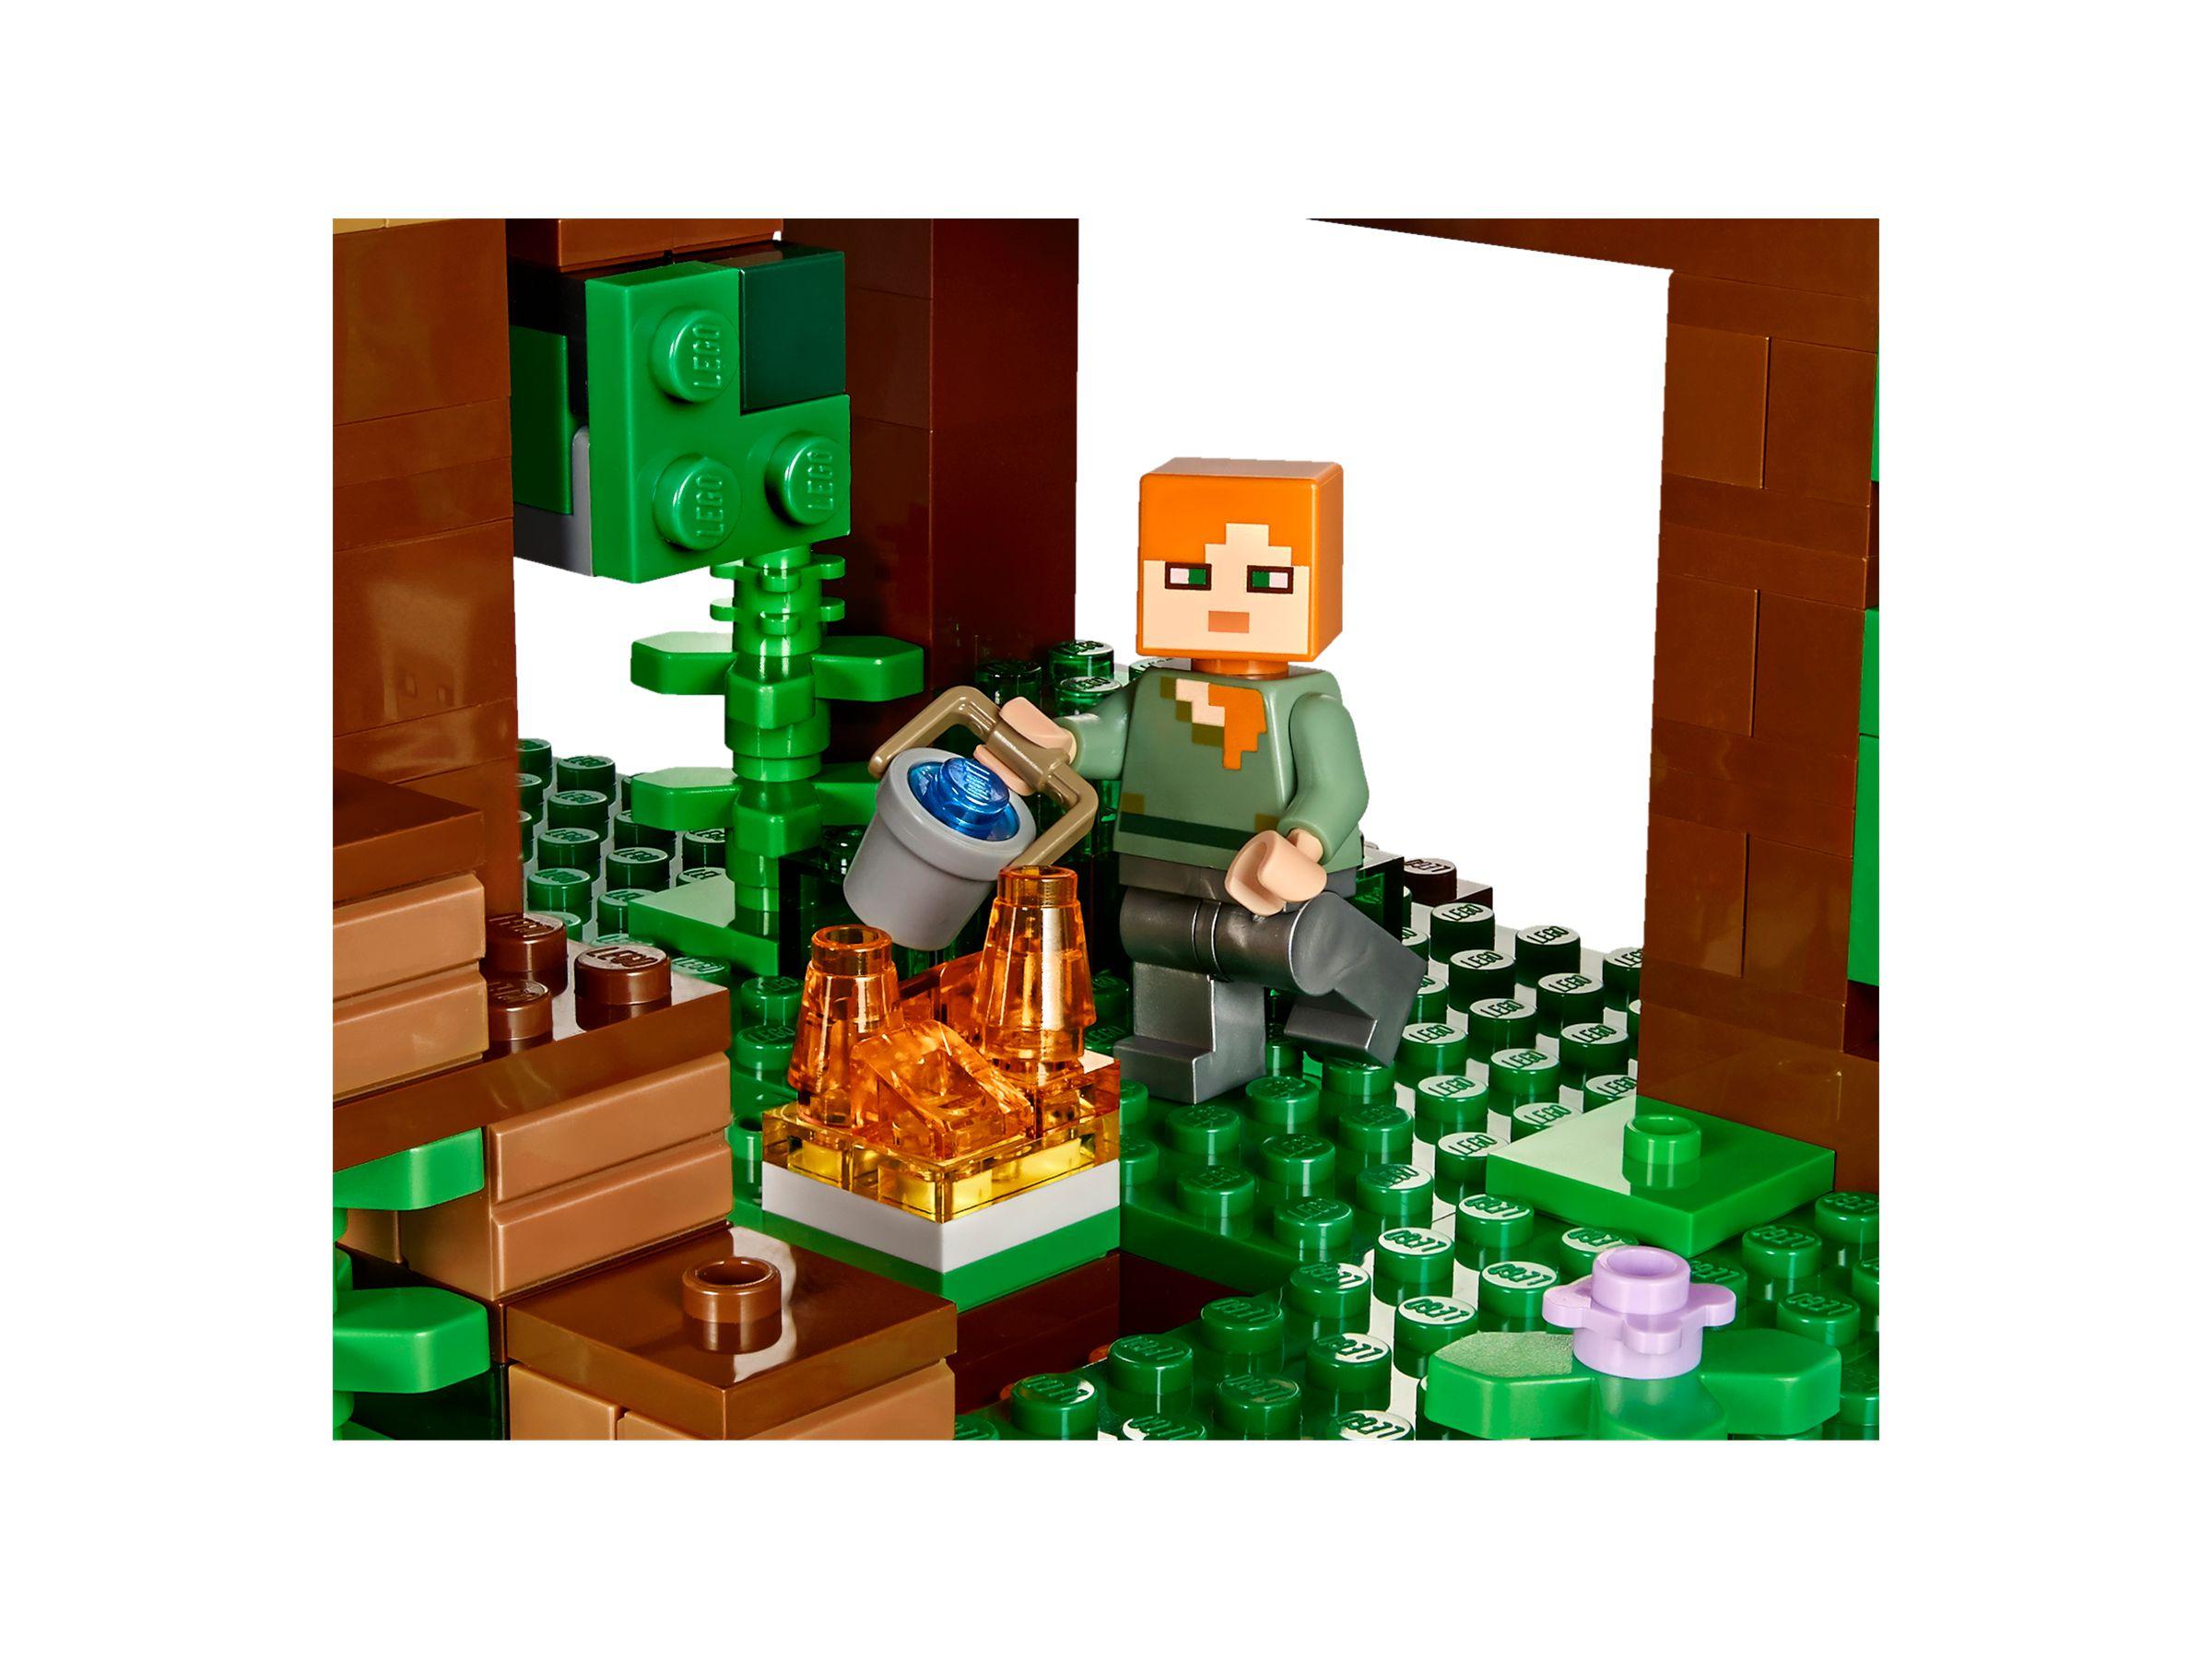 LEGO Minecraft 21125 Das Dschungel Baumhaus LEGO_21125_alt5. LEGO  Minecraft 21125 Das Dschungel Baumhaus LEGO_21125_alt5